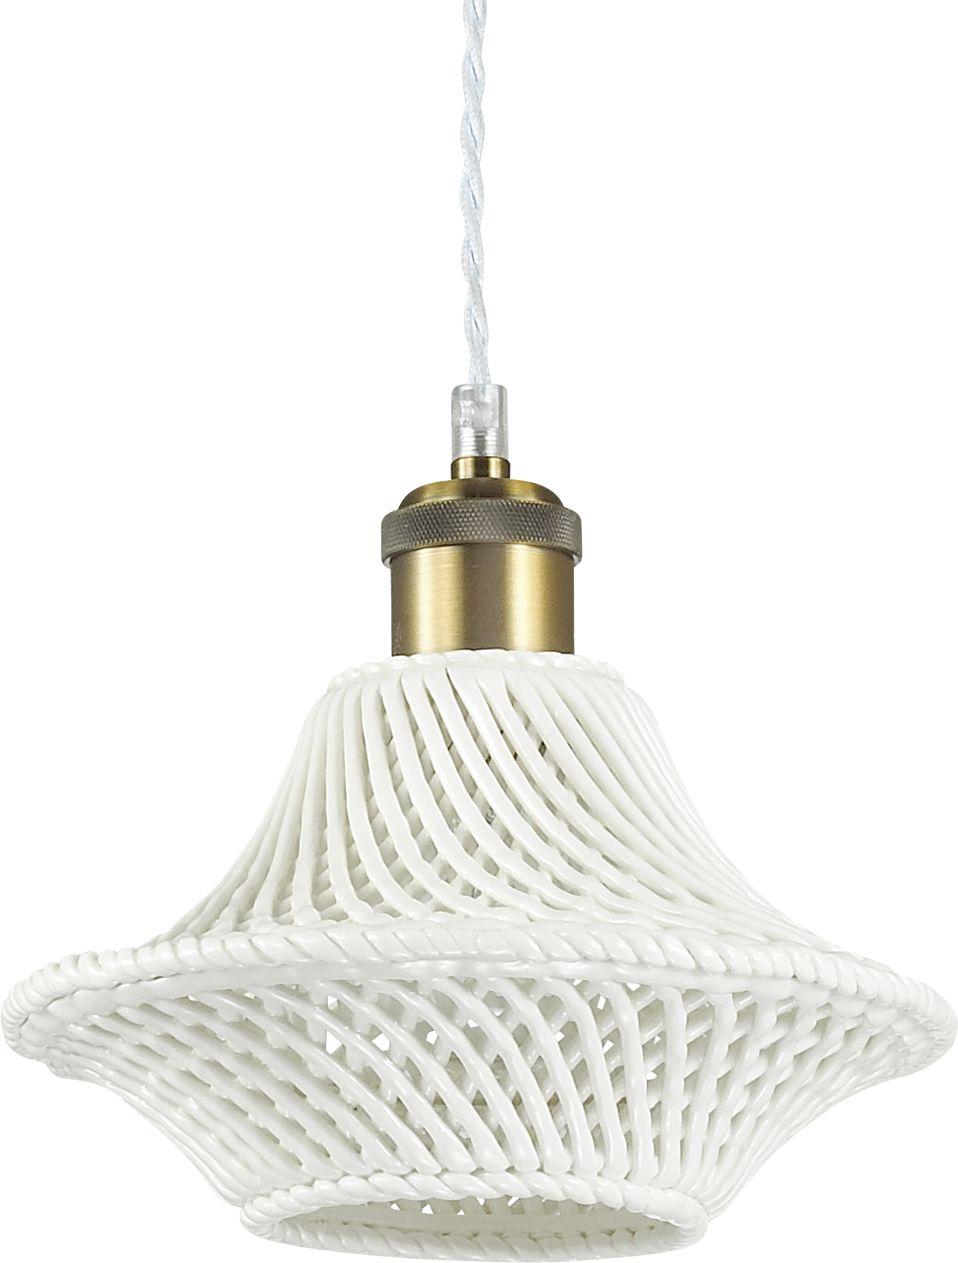 Lampa sufitowa Lugano SP1 D23 206806 Ideal Lux nowoczesna oprawa w kolorze białym